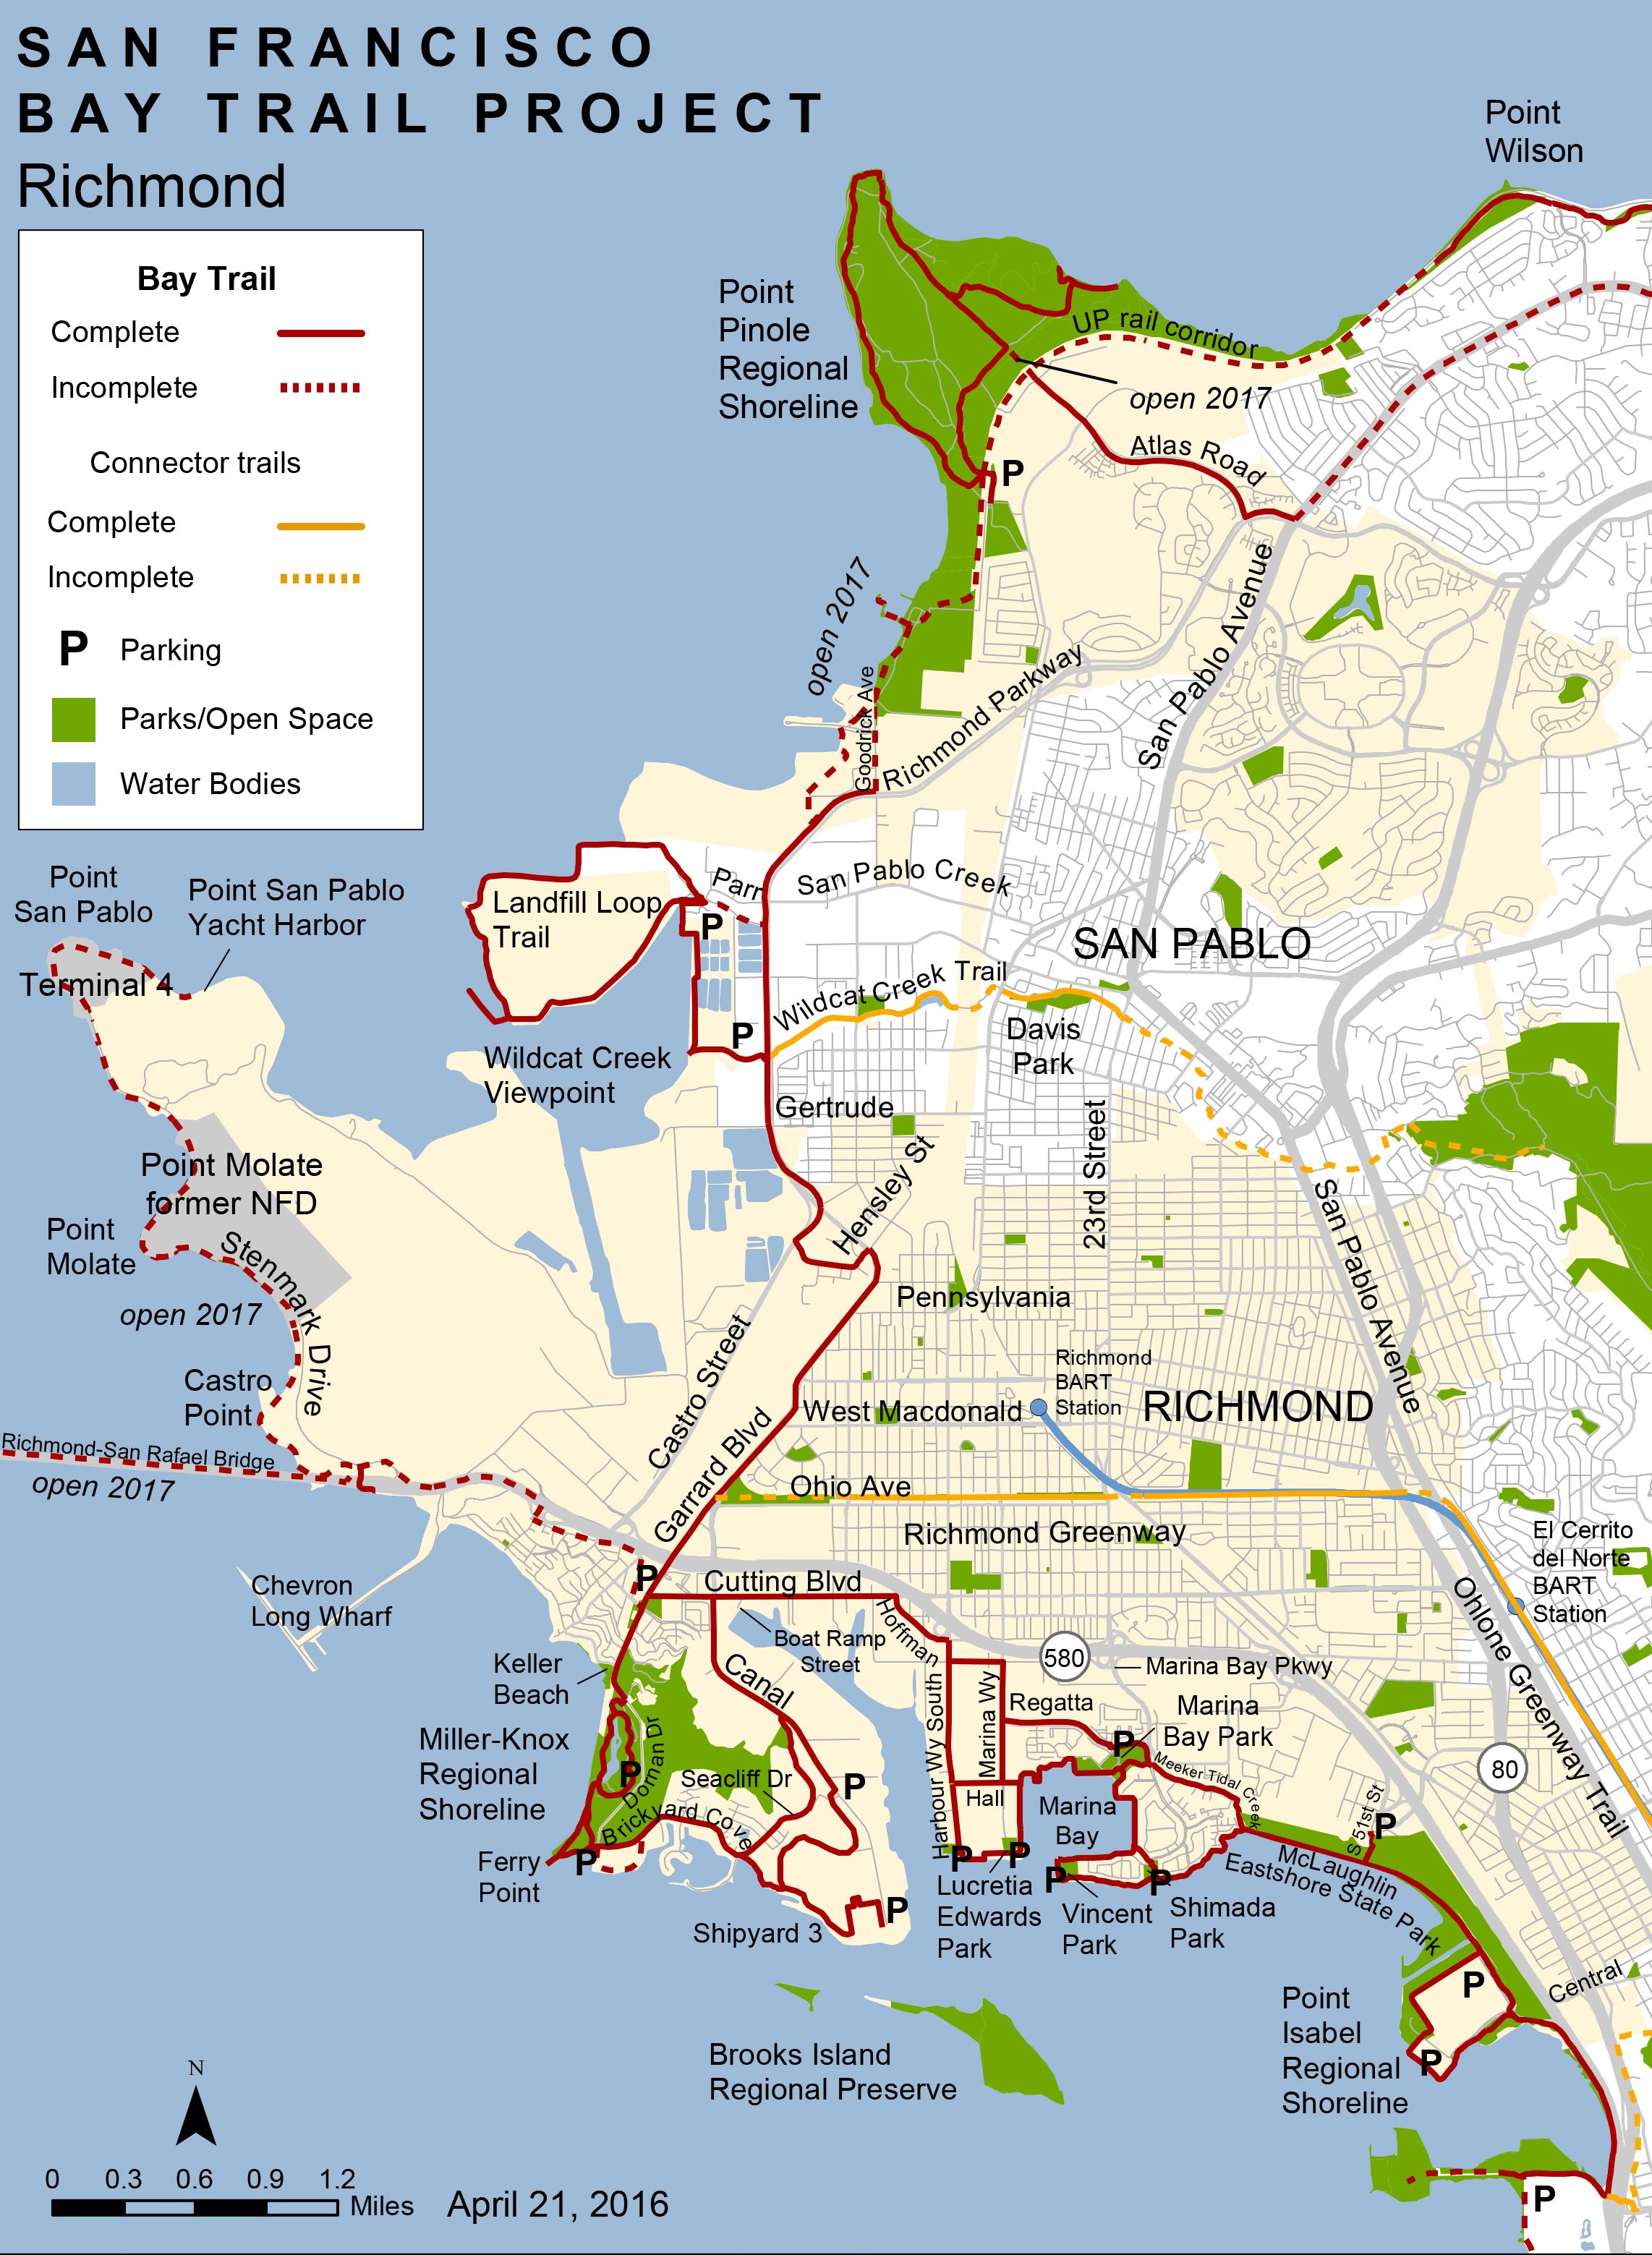 RichmondBTmap